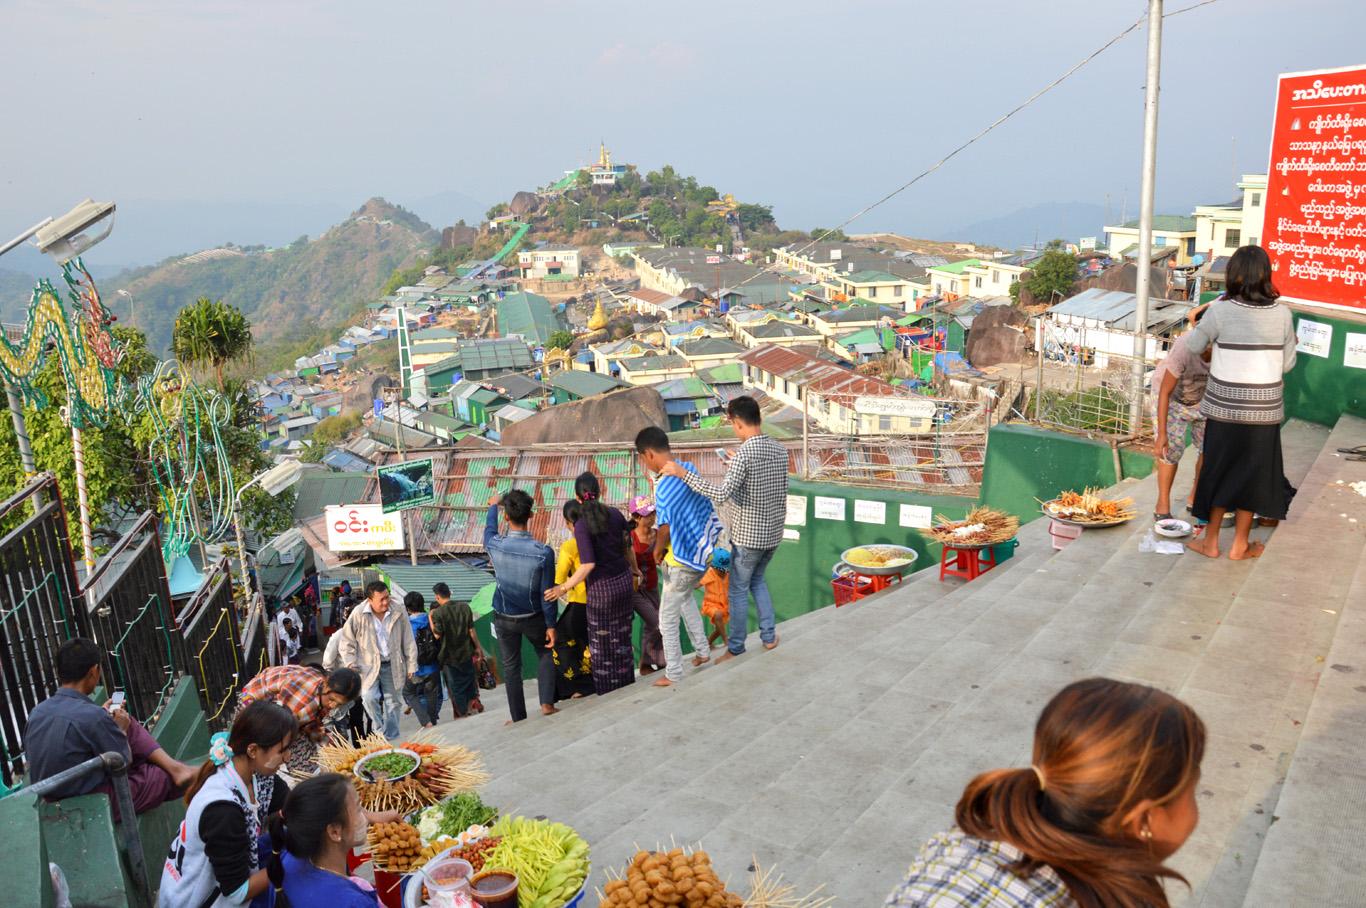 The settlement on the Mount Kyaiktiyo